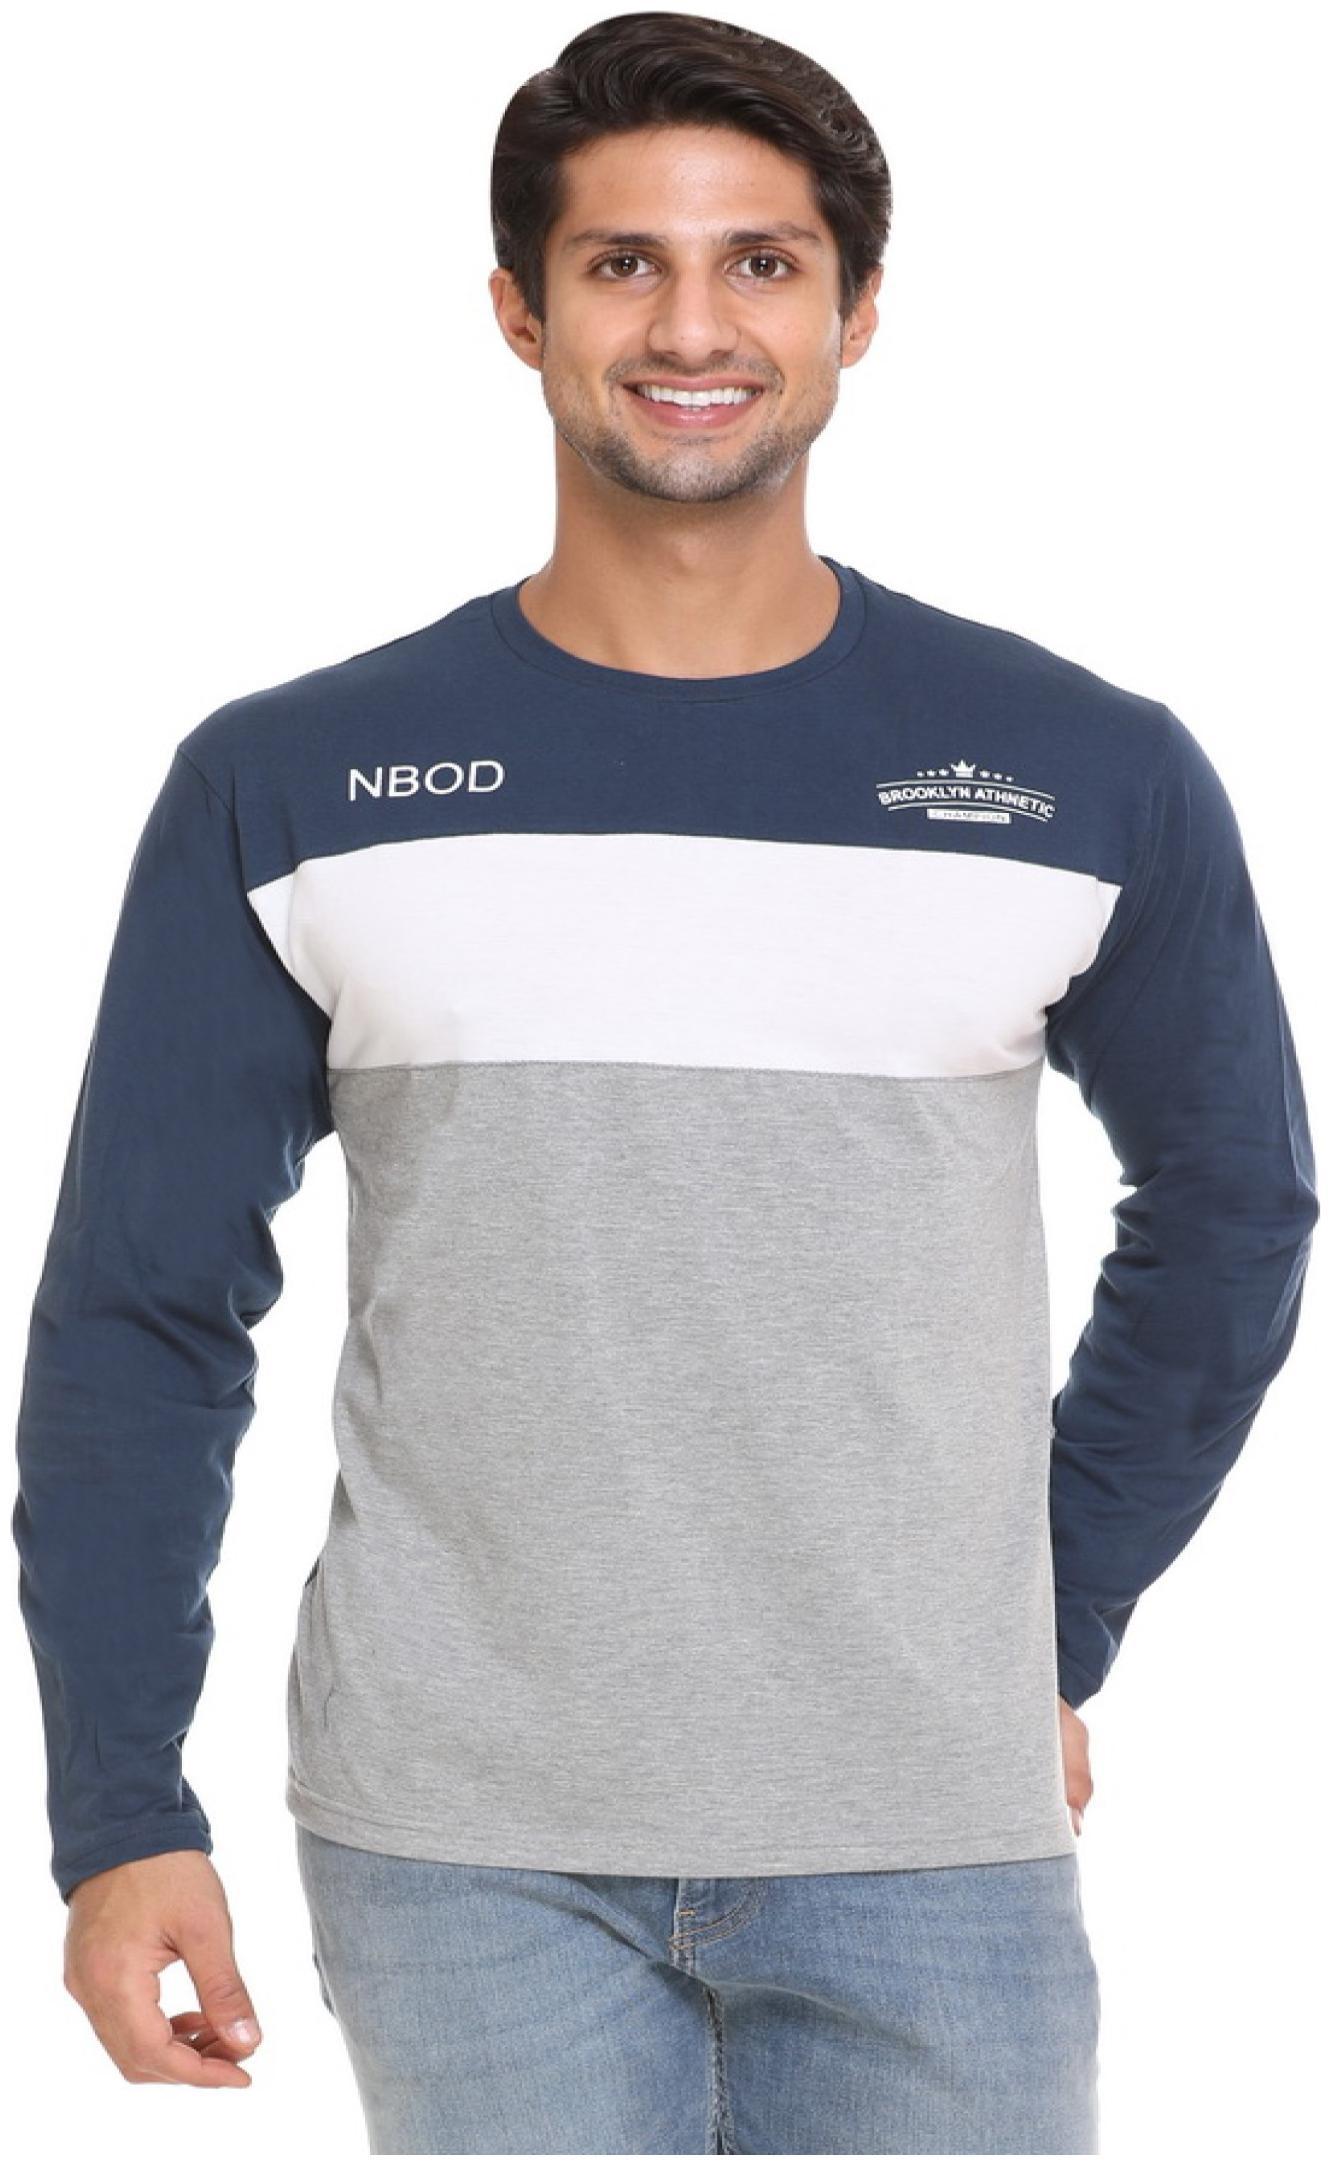 NBOD Mens Full Sleeves T Shirt